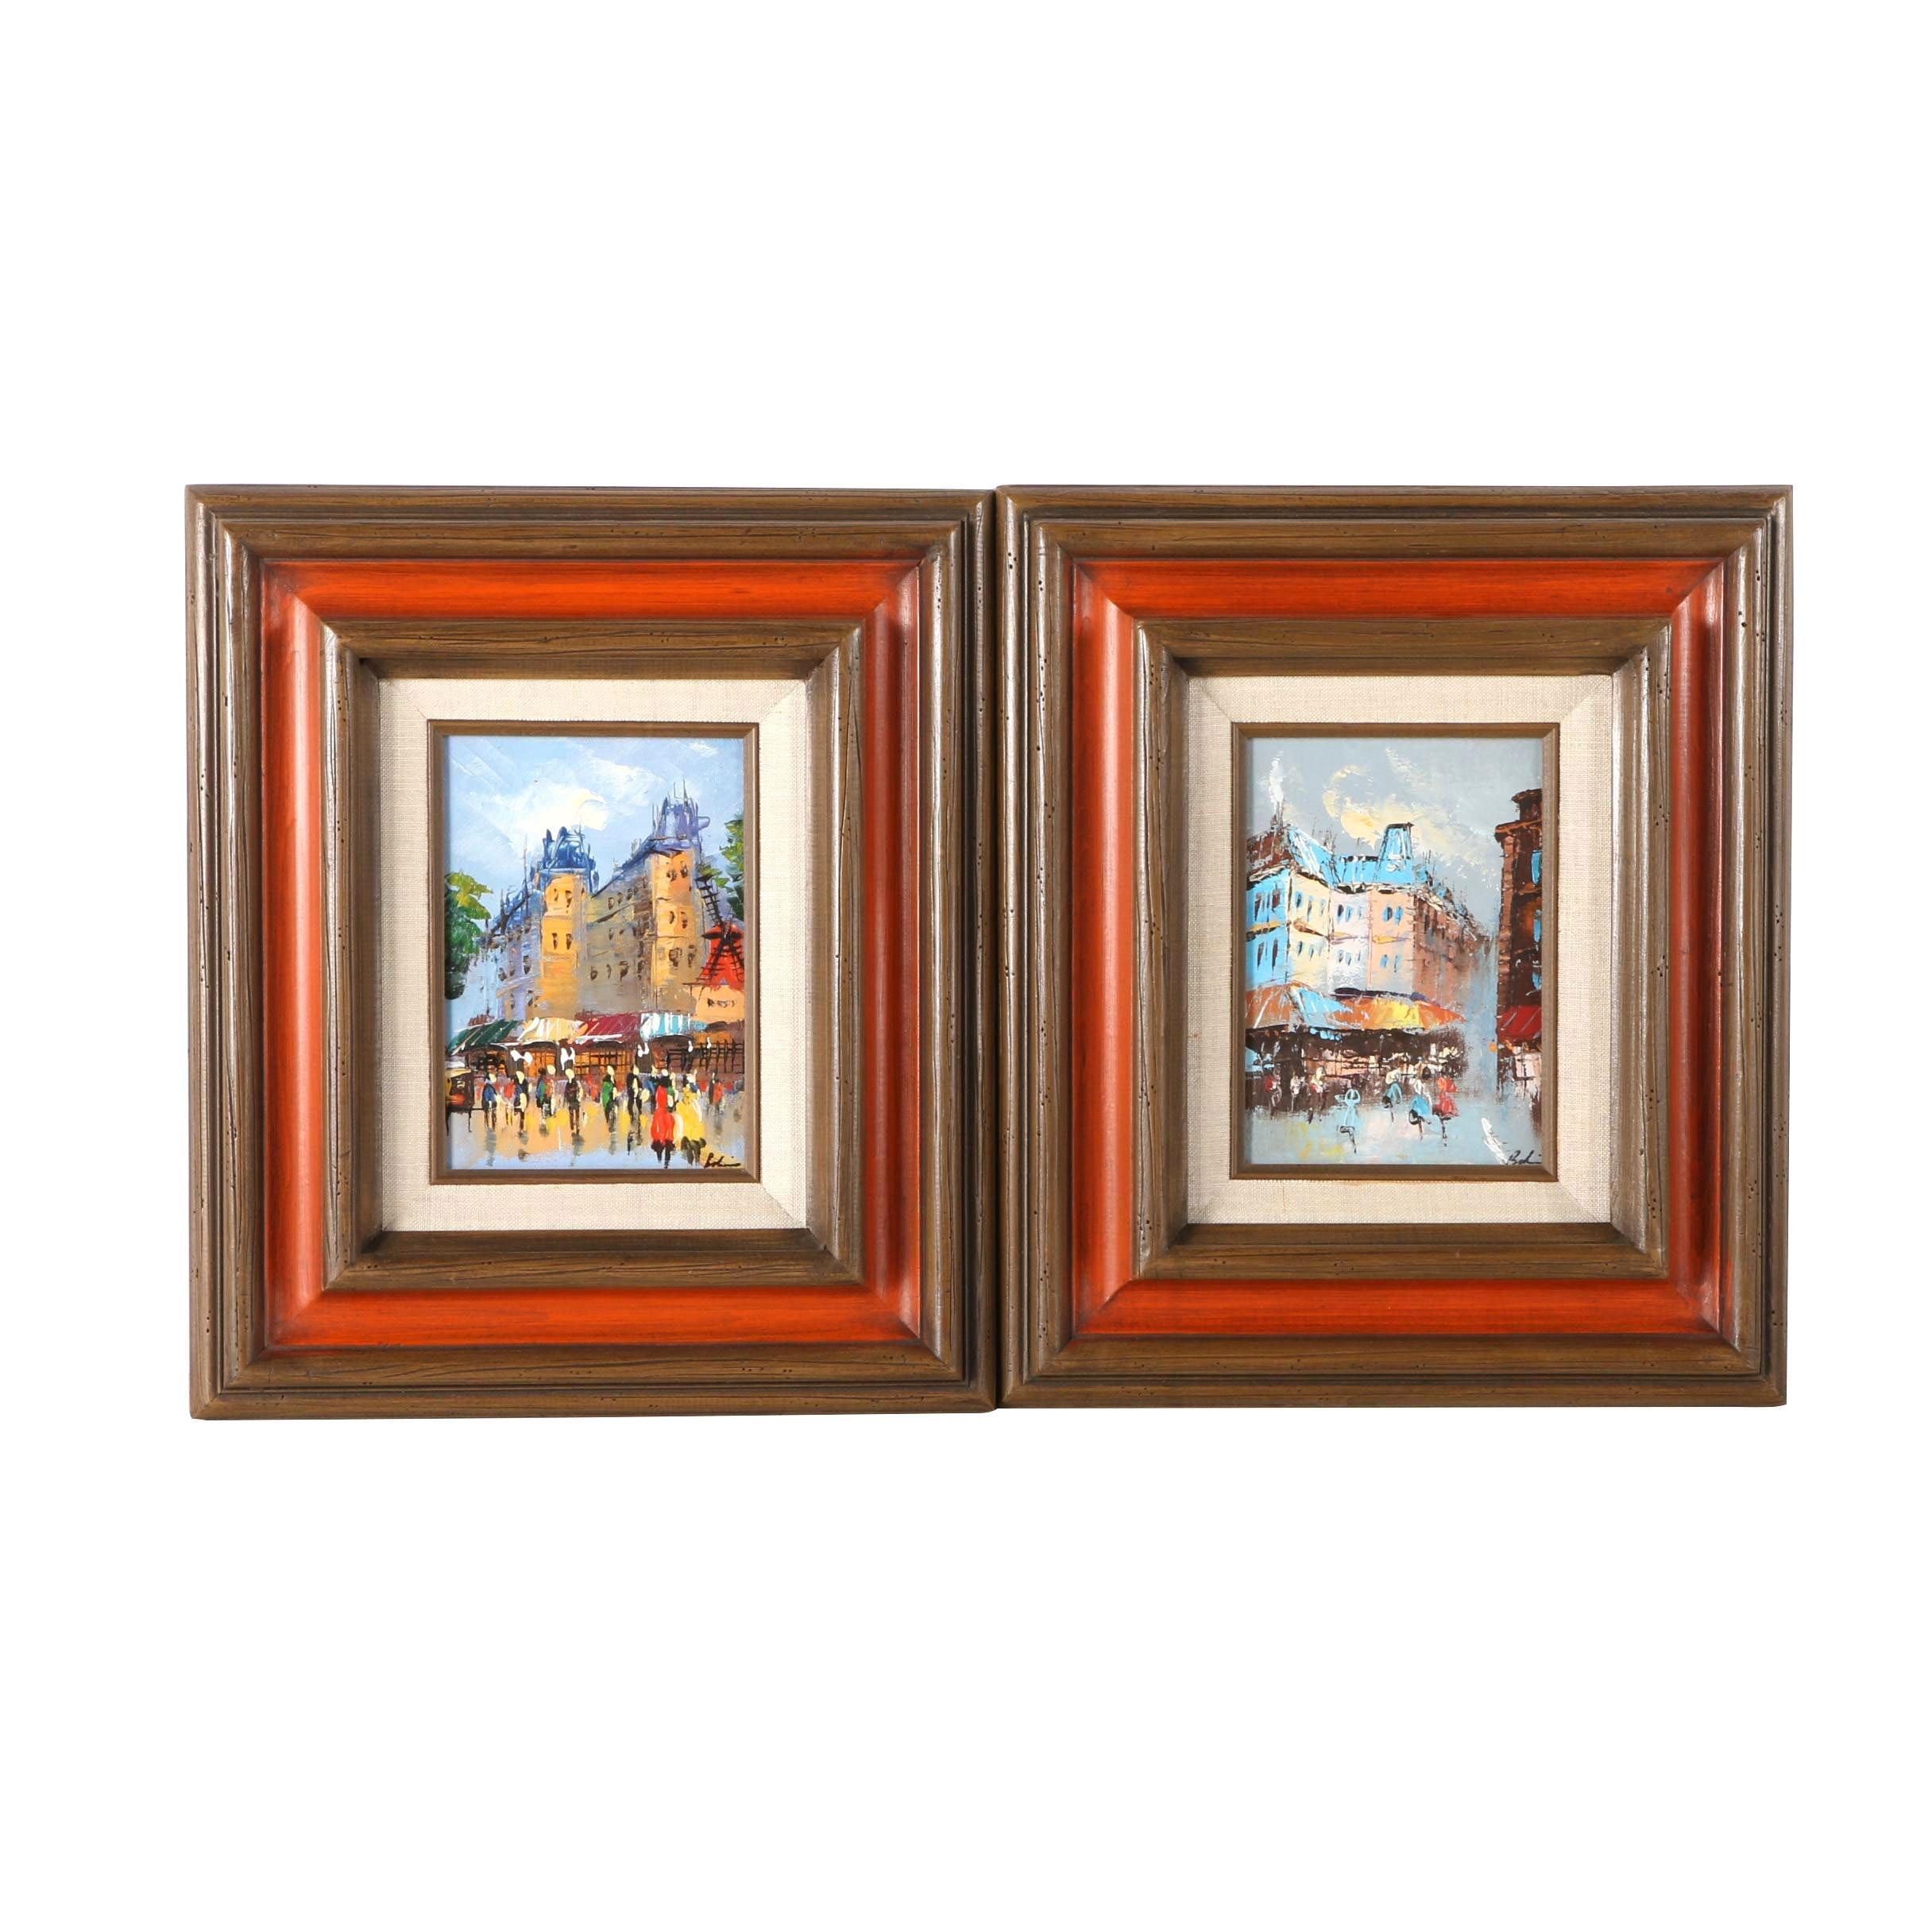 Oil Paintings of Paris Street Scenes